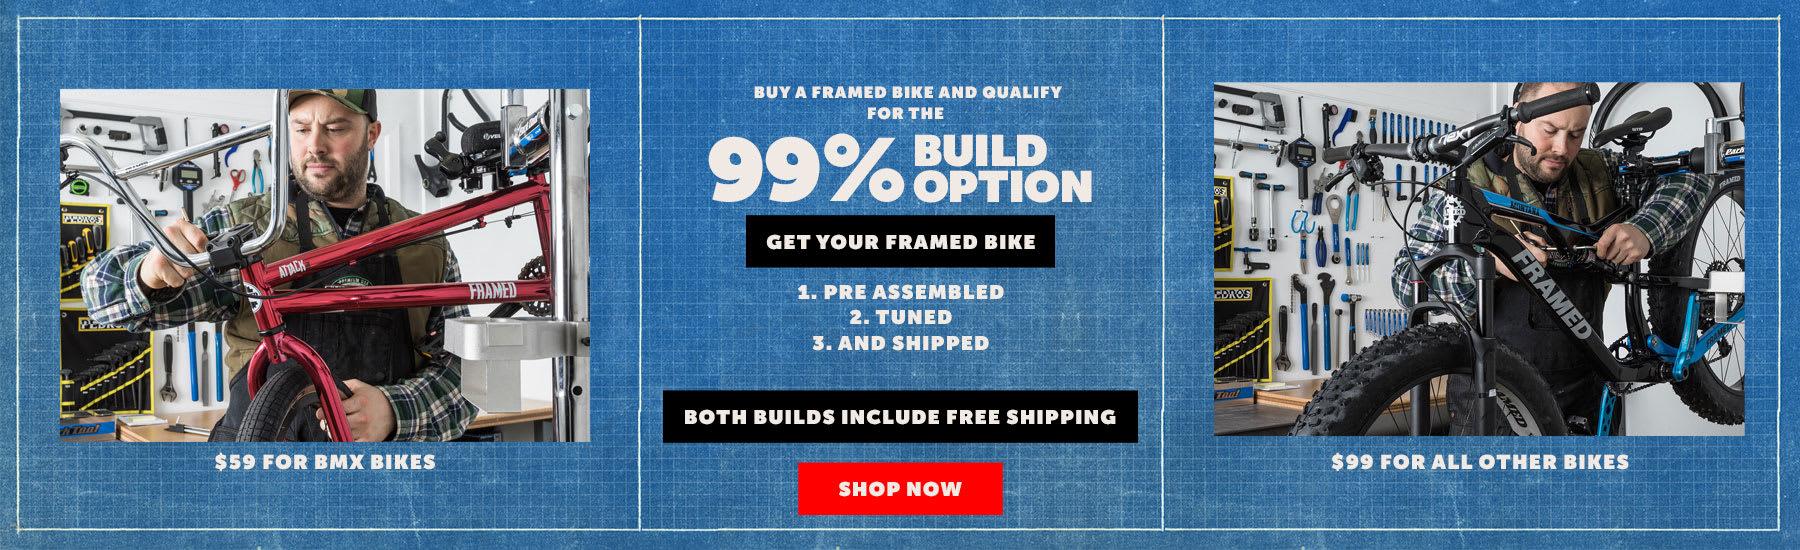 Framed Bike Build